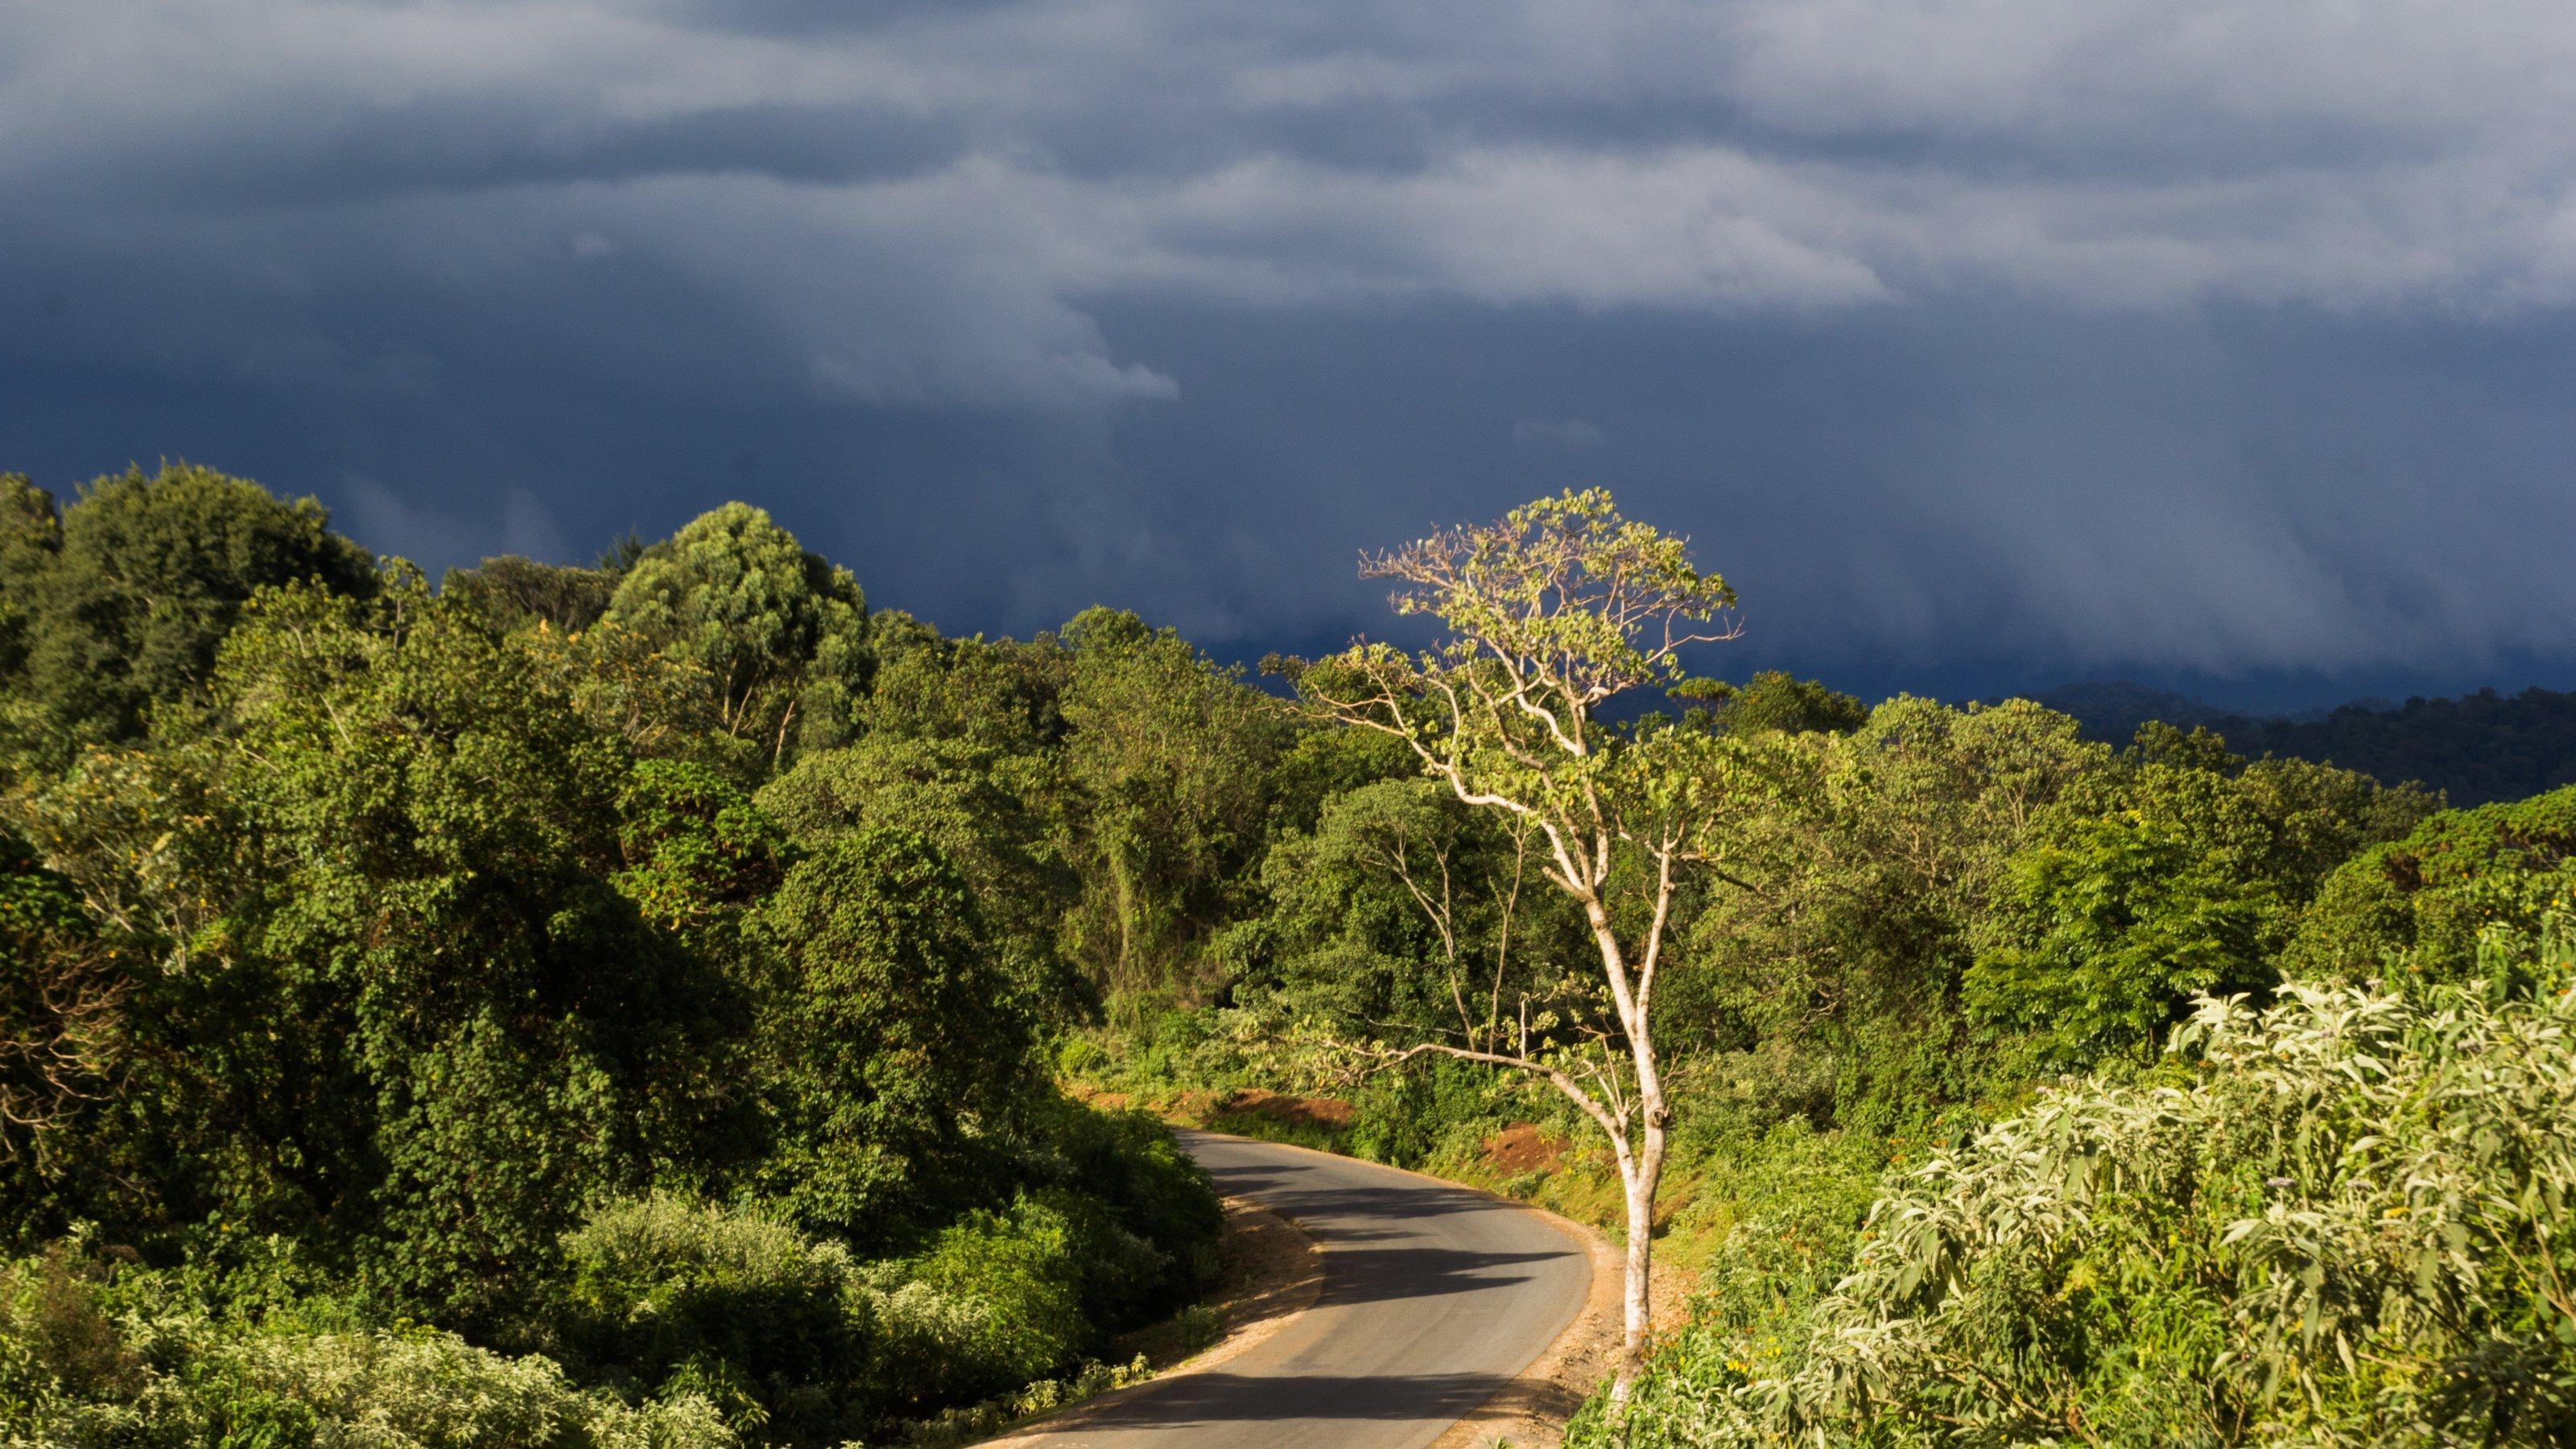 Eine asphaltierte Straße führt in dichten Wald, die Sonne steht noch auf Bäumen im Vordergrund. Hinten ziehen schwere Gewitterwolken auf.